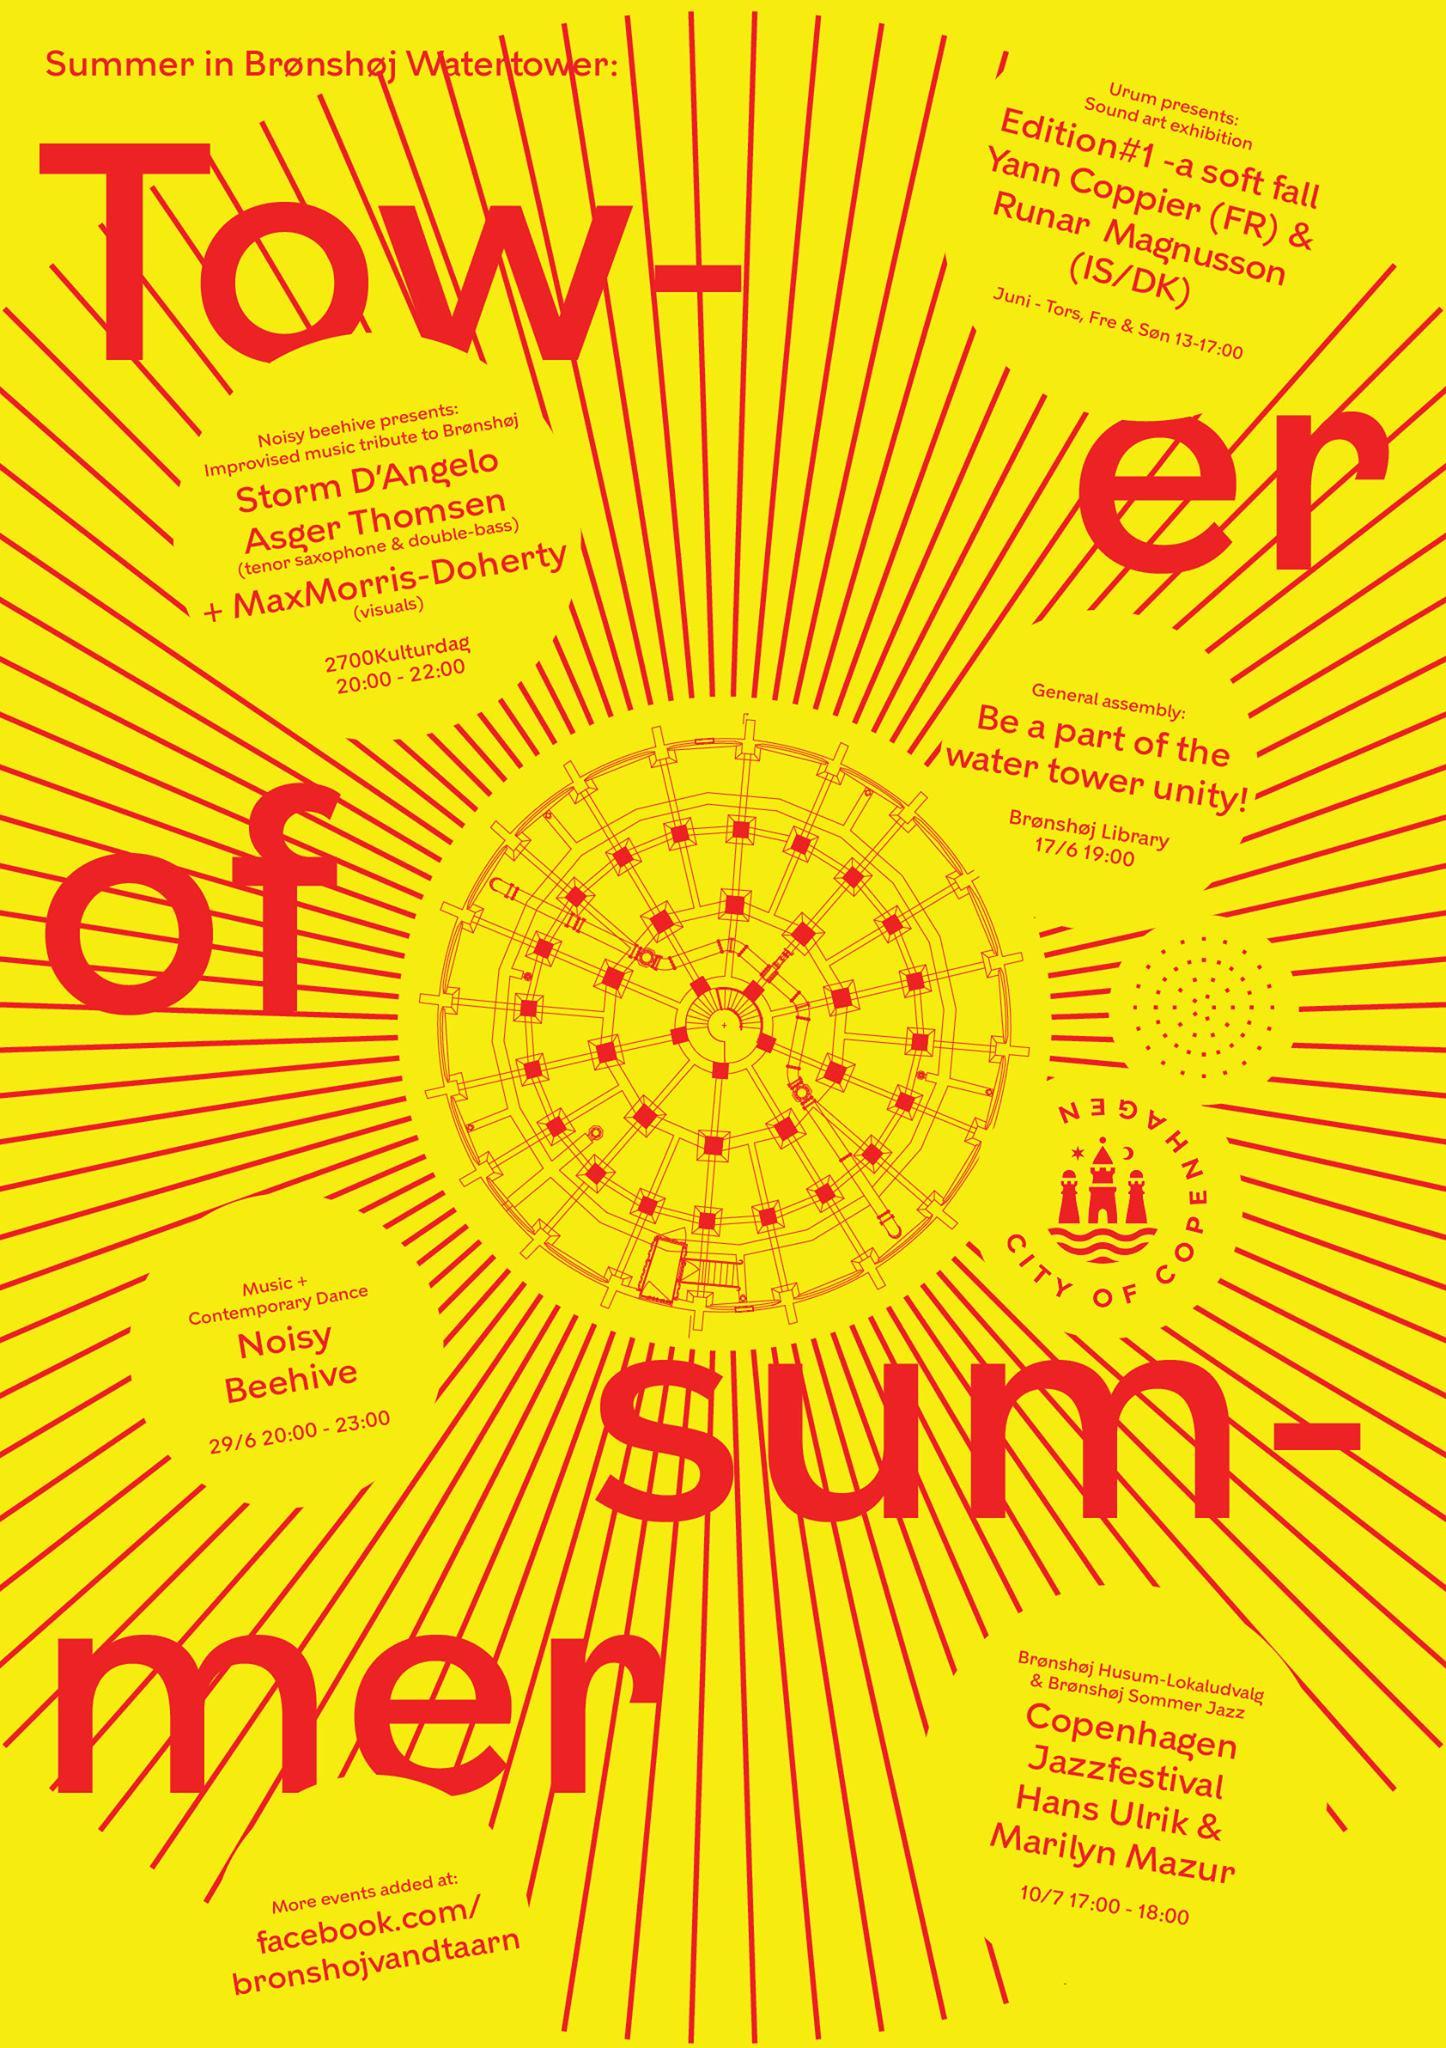 Membran Plakater: Brønshøj Vandtårn